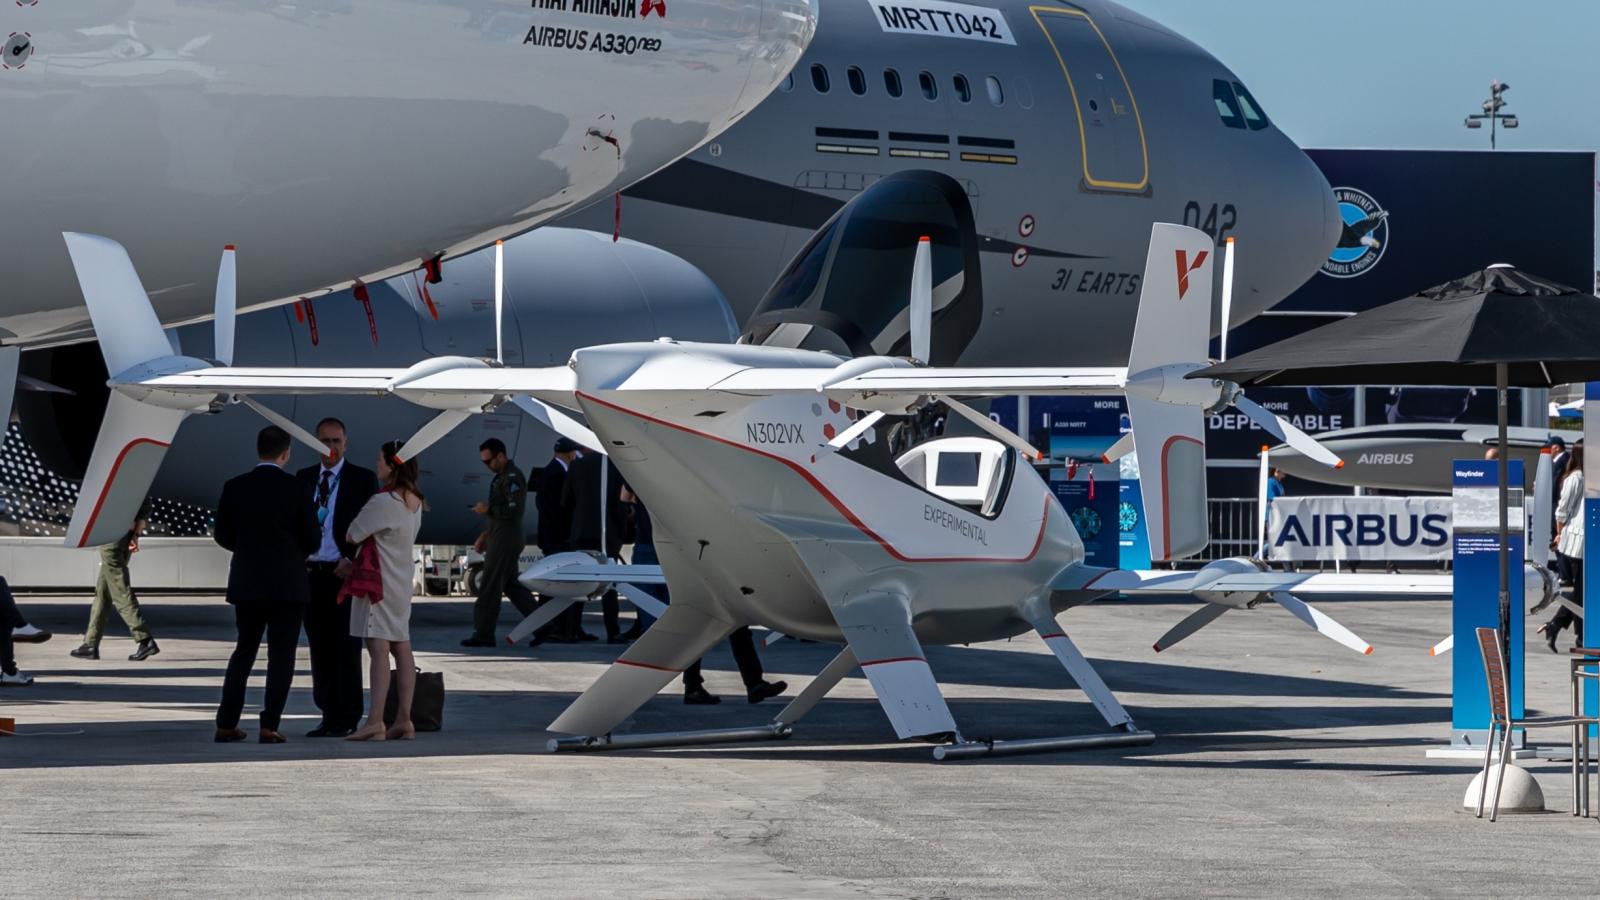 Storkonsernet Airbus utvikler både sivil og militær flyteknologi, og er blant de som kan høste av prosjekter i regi av forsvarsfondet EDF.  Illustrasjonsfoto fra Wikipedia. En Airbus A3 Vahana på flyutstilling i Paris 2019. CC BY-SA Matti Blume.